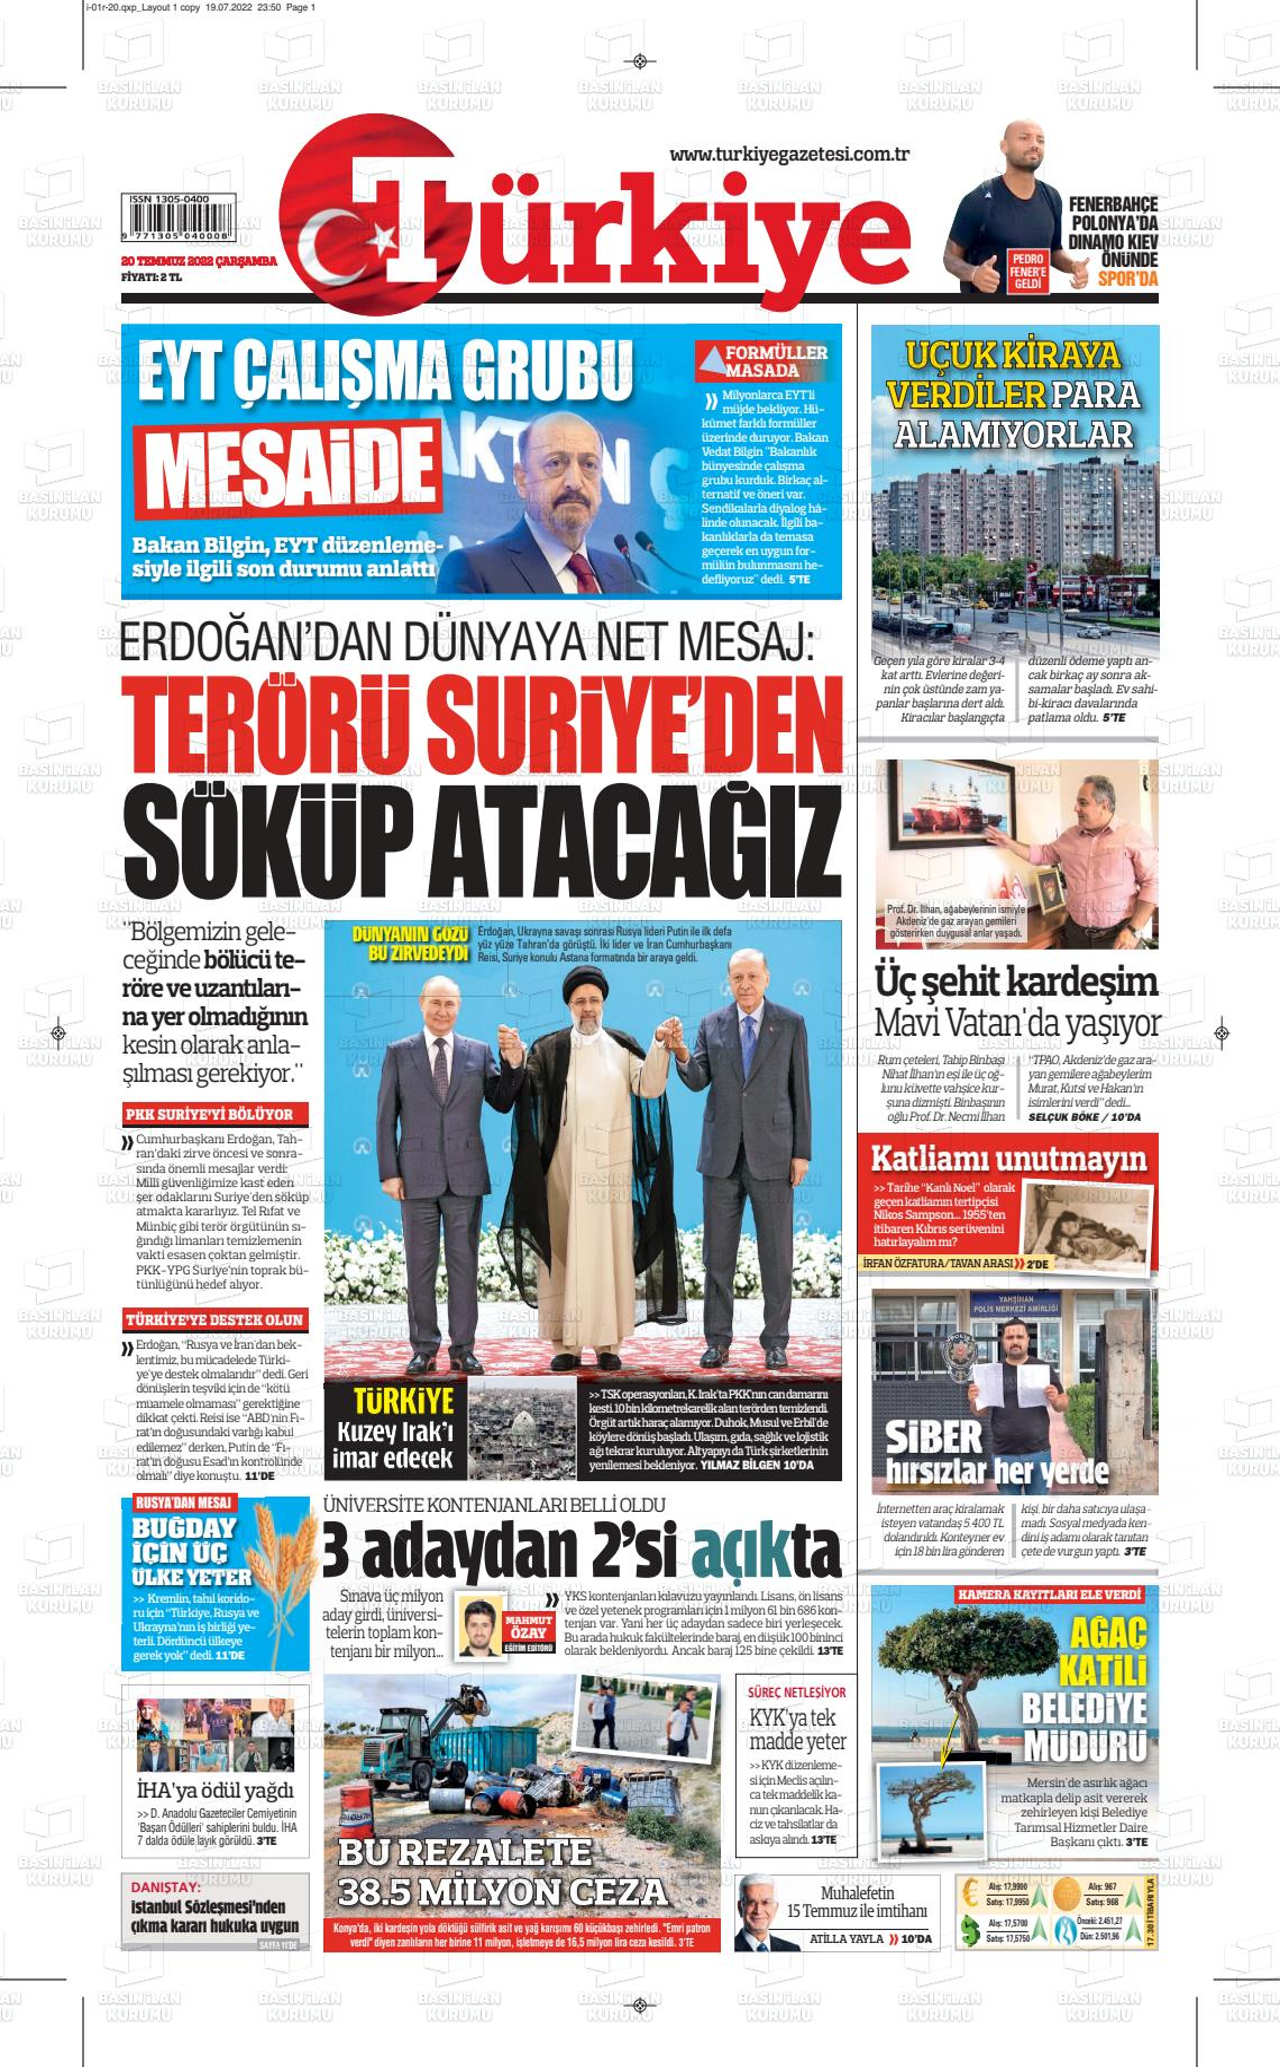 21 Eylül 2019, Cumartesi turkiye Gazetesi